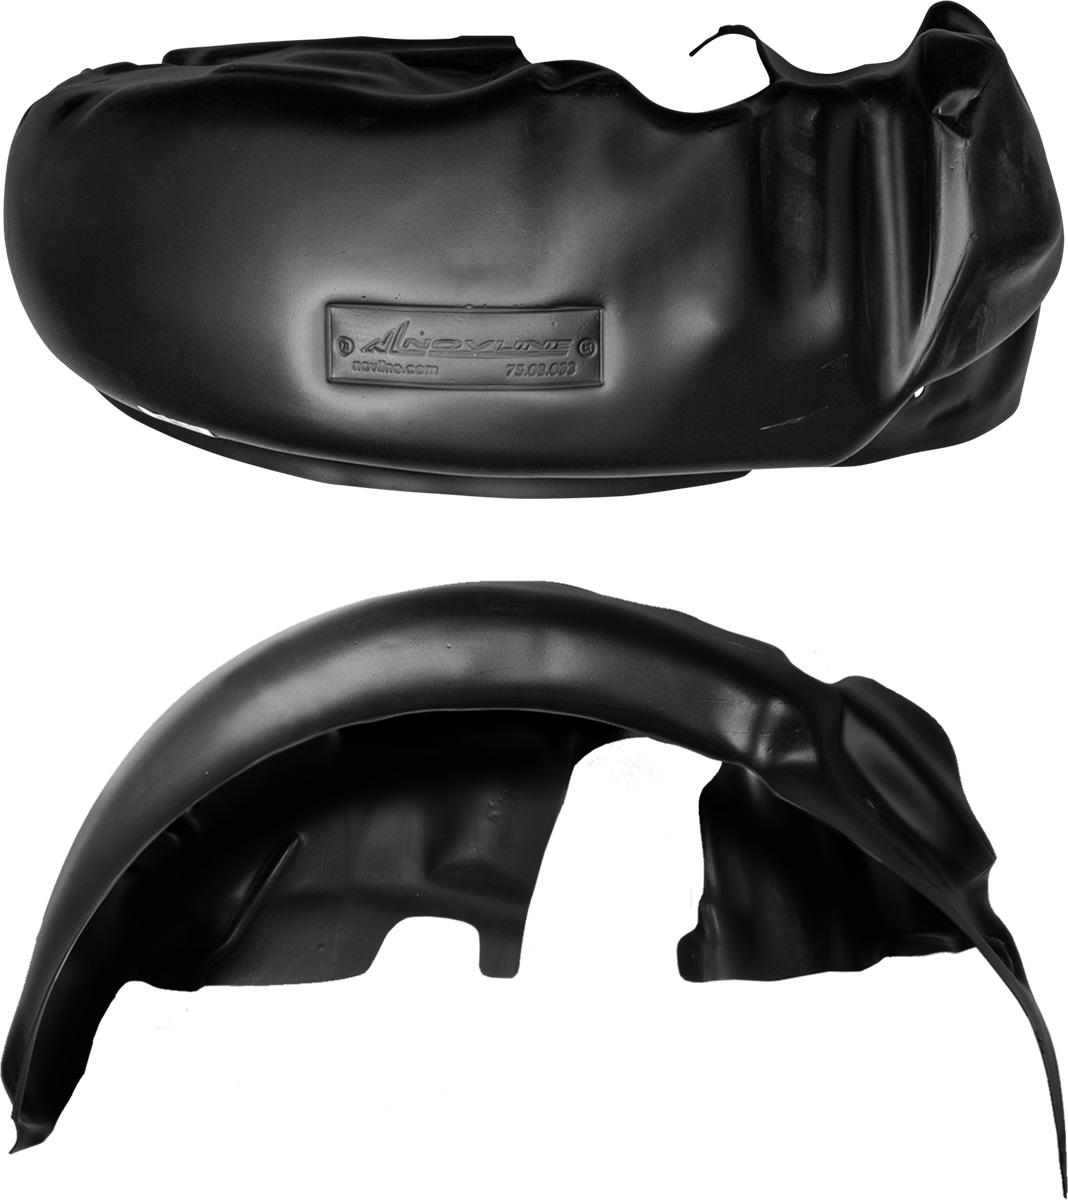 Подкрылок Novline-Autofamily, для Renault Sandero Stepway, 2010-2014, задний правыйNLL.41.28.004Колесные ниши - одни из самых уязвимых зон днища вашего автомобиля. Они постоянно подвергаются воздействию со стороны дороги. Лучшая, почти абсолютная защита для них - специально отформованные пластиковые кожухи, которые называются подкрылками. Производятся они как для отечественных моделей автомобилей, так и для иномарок. Подкрылки Novline-Autofamily выполнены из высококачественного, экологически чистого пластика. Обеспечивают надежную защиту кузова автомобиля от пескоструйного эффекта и негативного влияния, агрессивных антигололедных реагентов. Пластик обладает более низкой теплопроводностью, чем металл, поэтому в зимний период эксплуатации использование пластиковых подкрылков позволяет лучше защитить колесные ниши от налипания снега и образования наледи. Оригинальность конструкции подчеркивает элегантность автомобиля, бережно защищает нанесенное на днище кузова антикоррозийное покрытие и позволяет осуществить крепление подкрылков внутри колесной арки практически без дополнительного крепежа и сверления, не нарушая при этом лакокрасочного покрытия, что предотвращает возникновение новых очагов коррозии. Подкрылки долговечны, обладают высокой прочностью и сохраняют заданную форму, а также все свои физико-механические характеристики в самых тяжелых климатических условиях (от -50°С до +50°С).Уважаемые клиенты!Обращаем ваше внимание, на тот факт, что подкрылок имеет форму, соответствующую модели данного автомобиля. Фото служит для визуального восприятия товара.